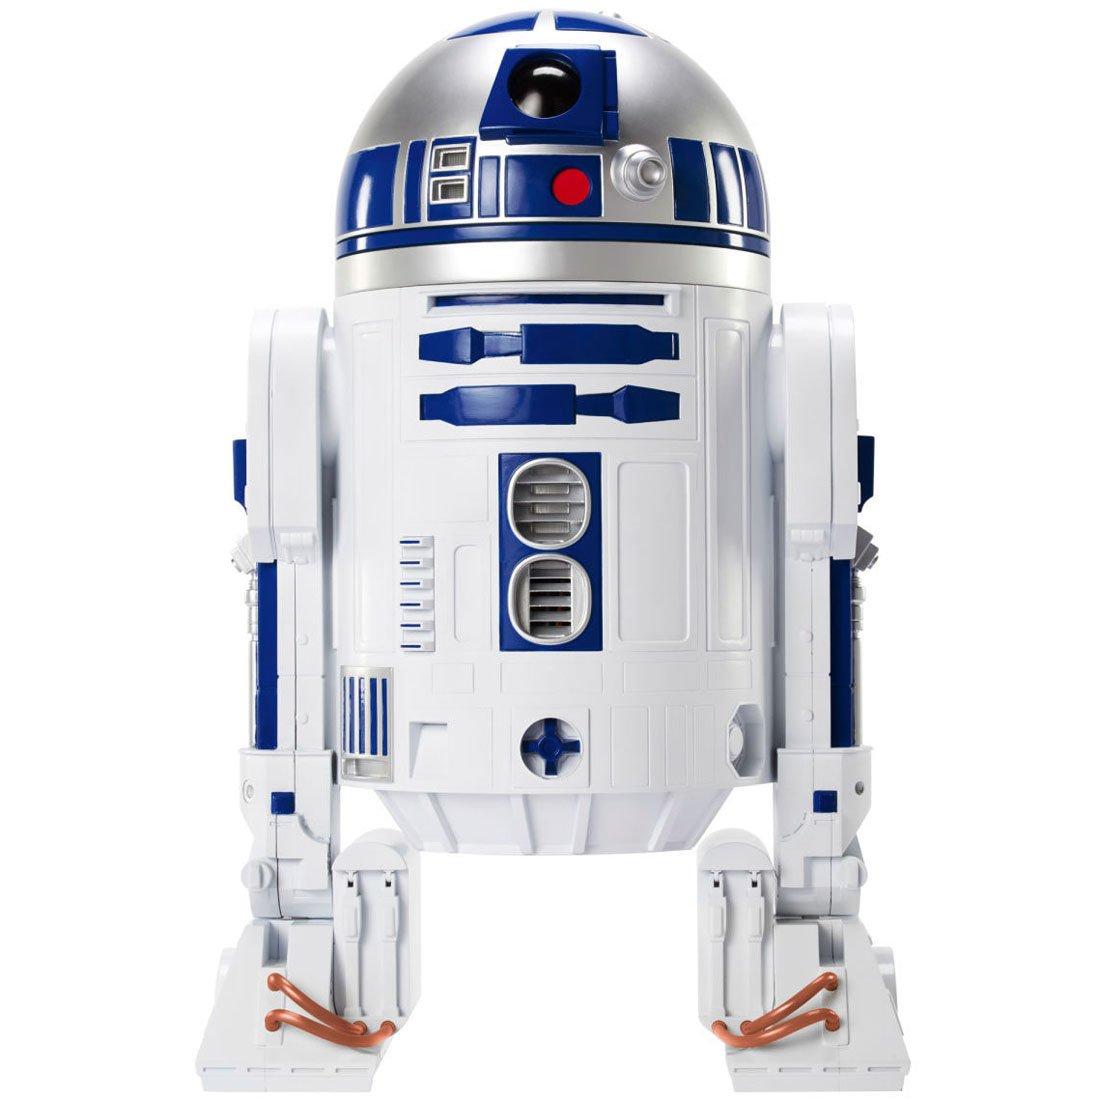 スターウォーズ 18インチフィギュア R2-D2 B014R704HA